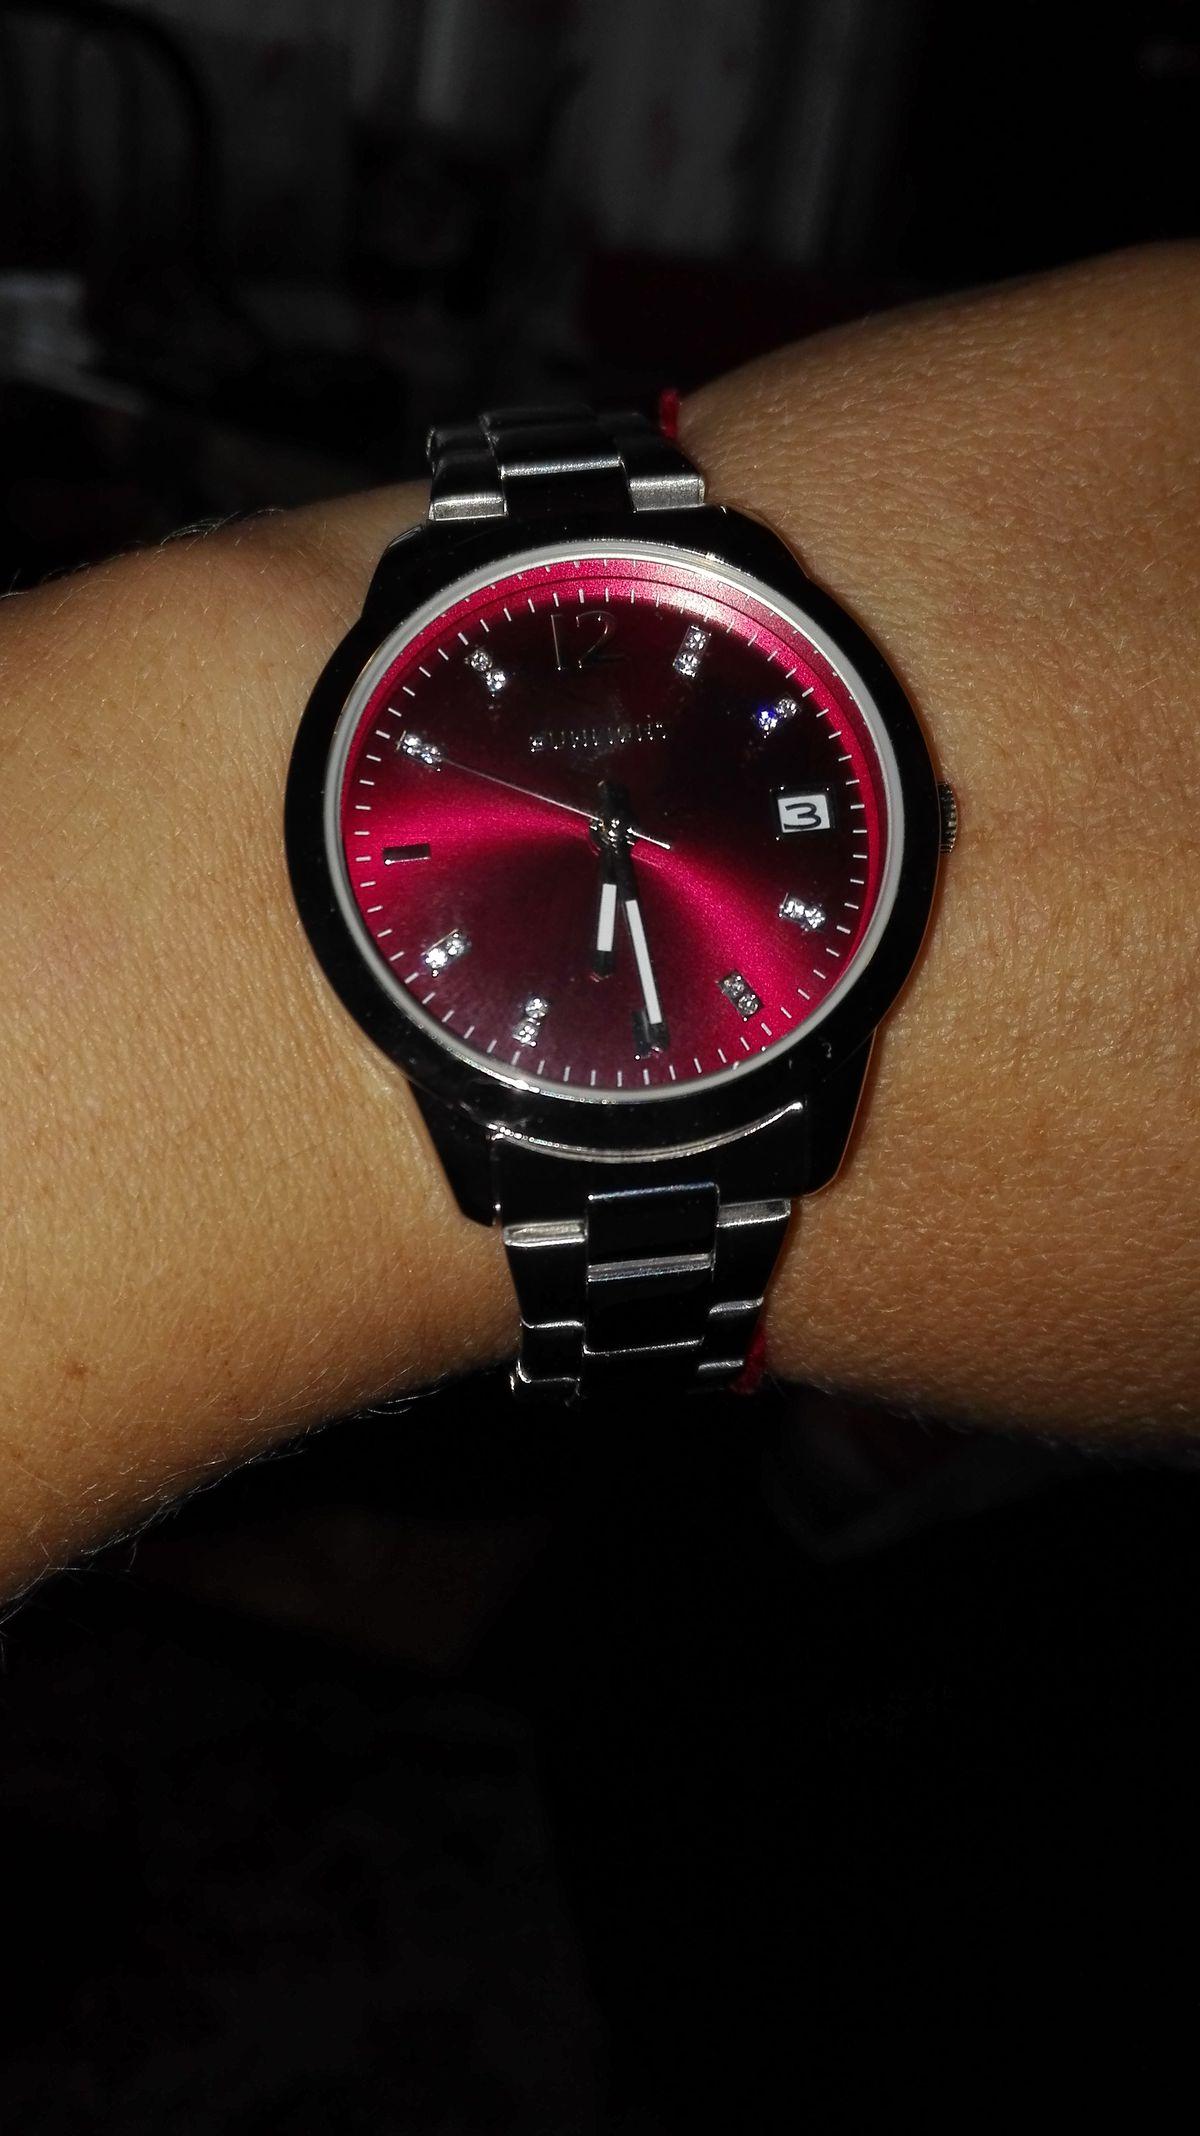 Интересные, симпатичные часы